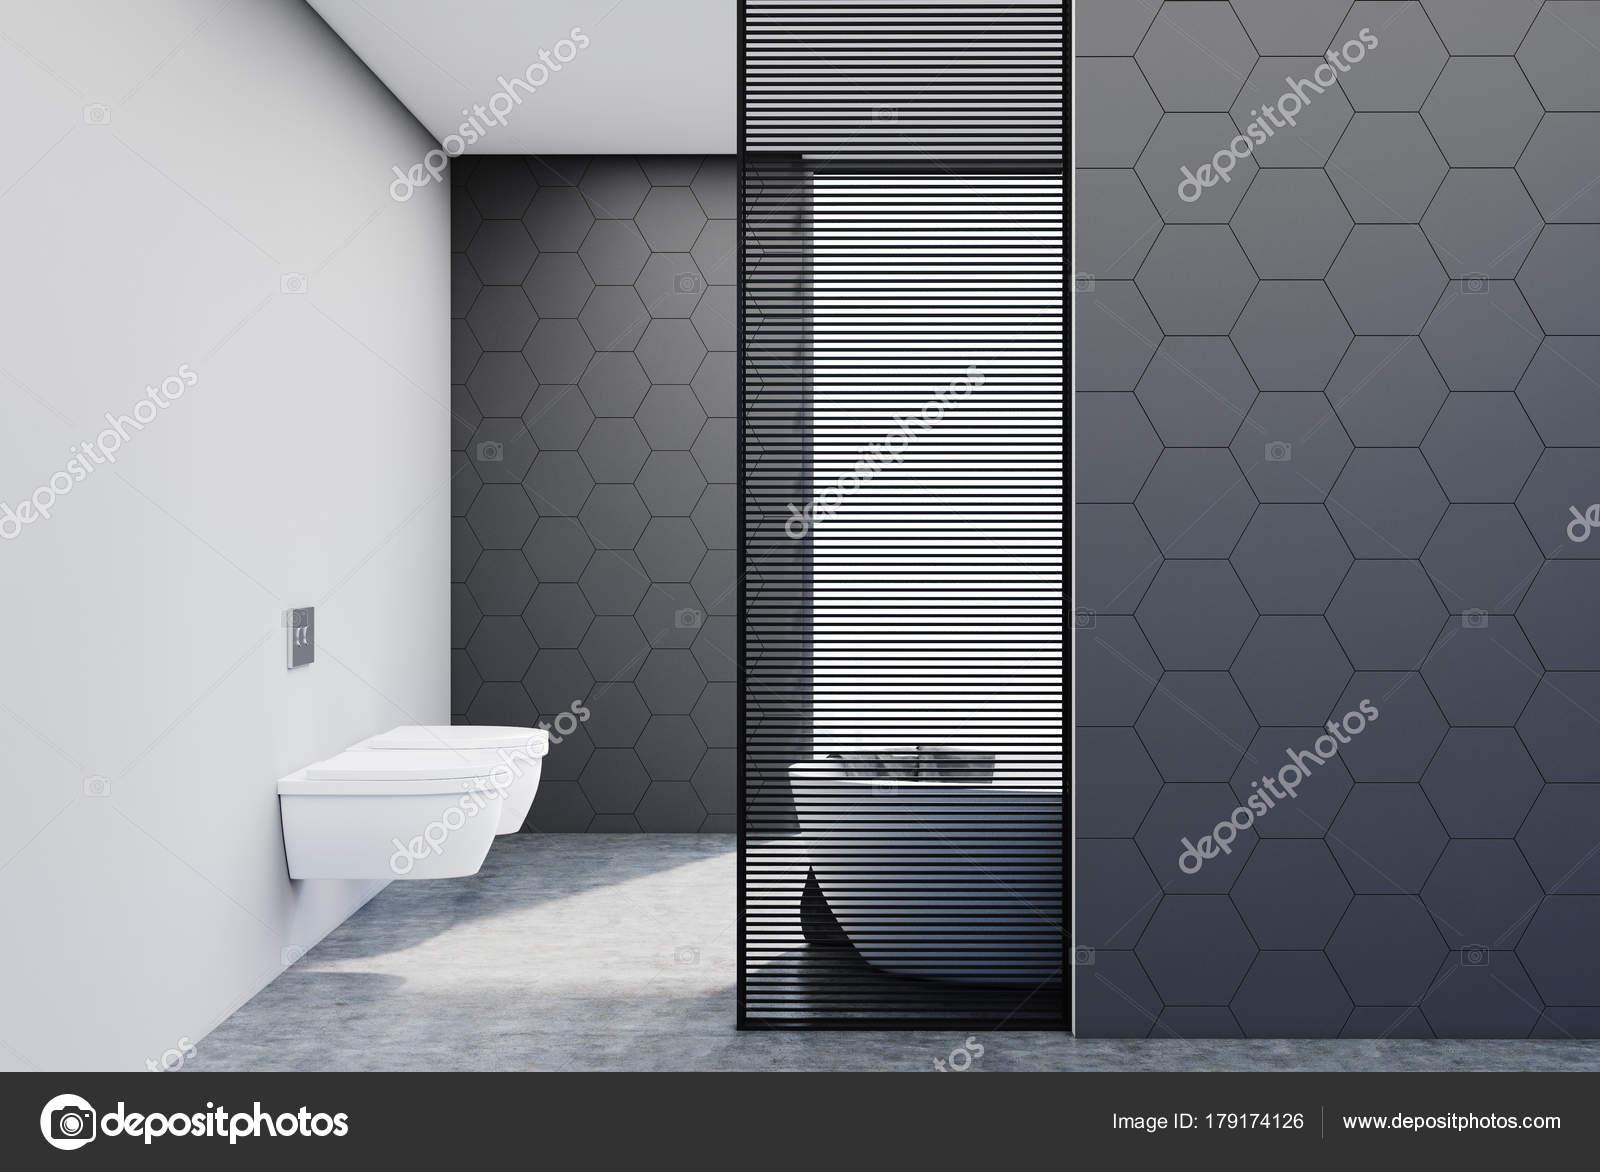 Bagno rivestito di piastrelle grigie vasca e wc u foto stock